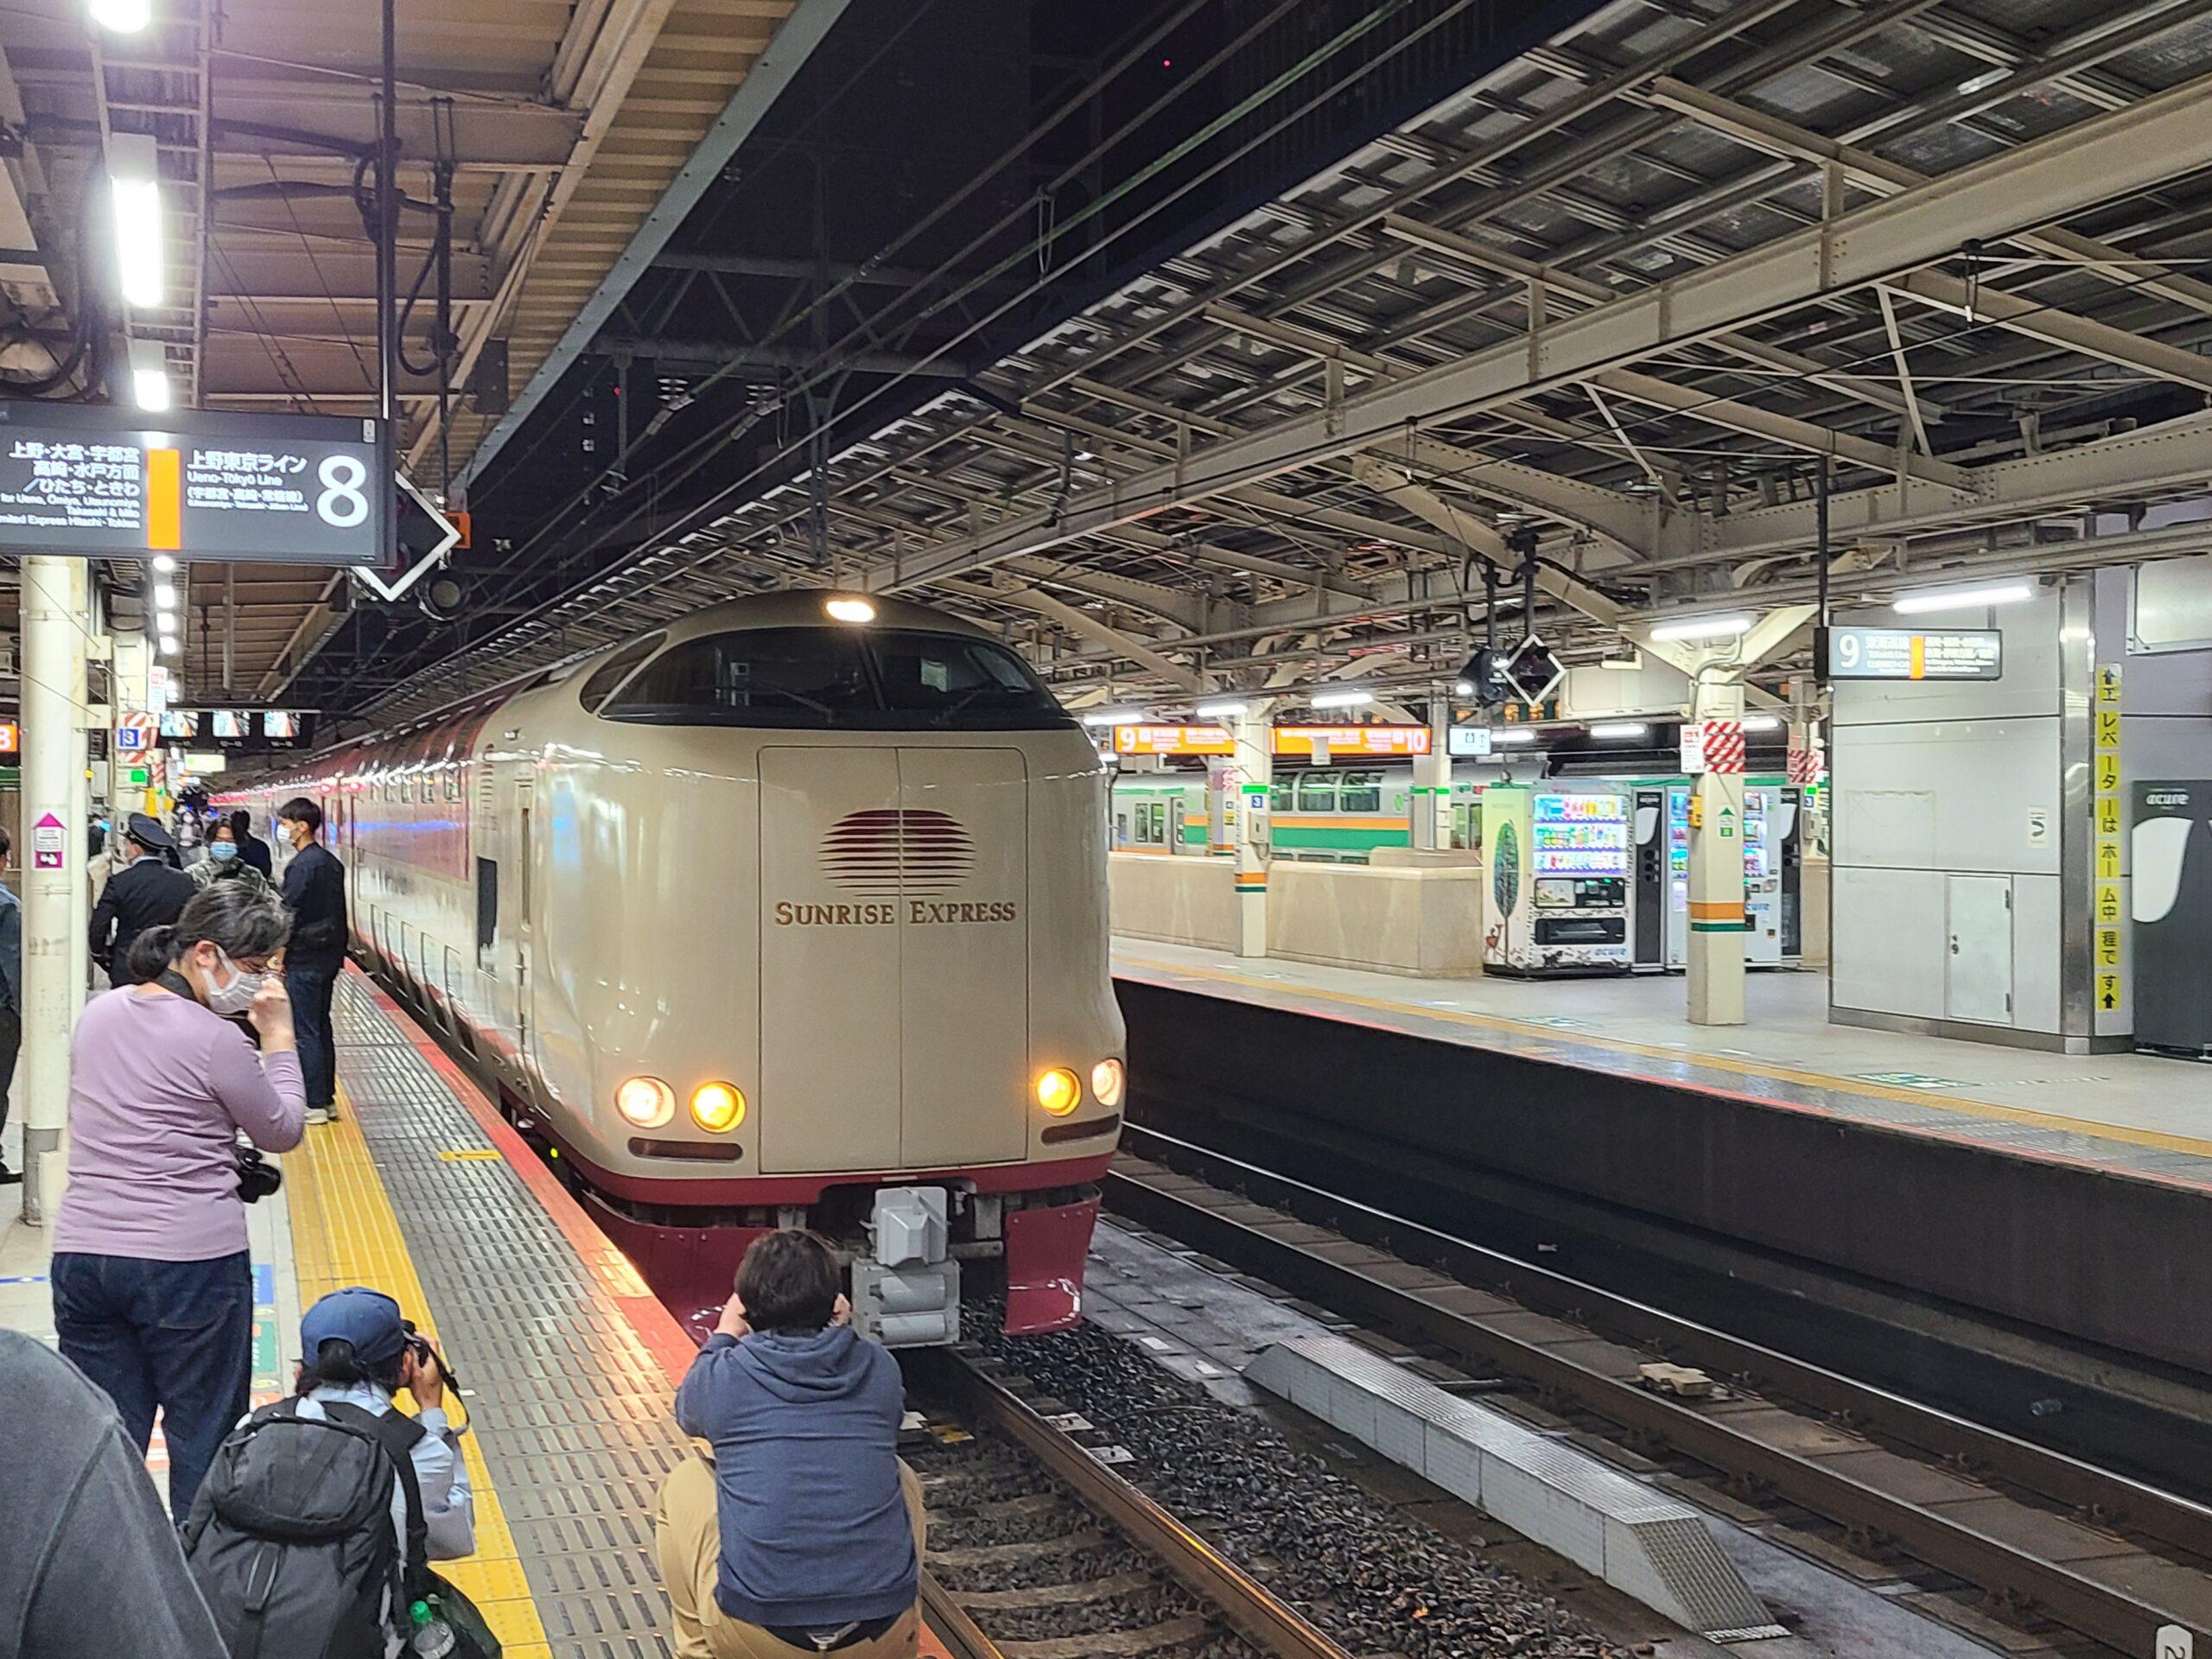 JR西日本大雨で特急の運転を取りやめに サンライズ・スーパーおき・まつかぜ・はくとなど